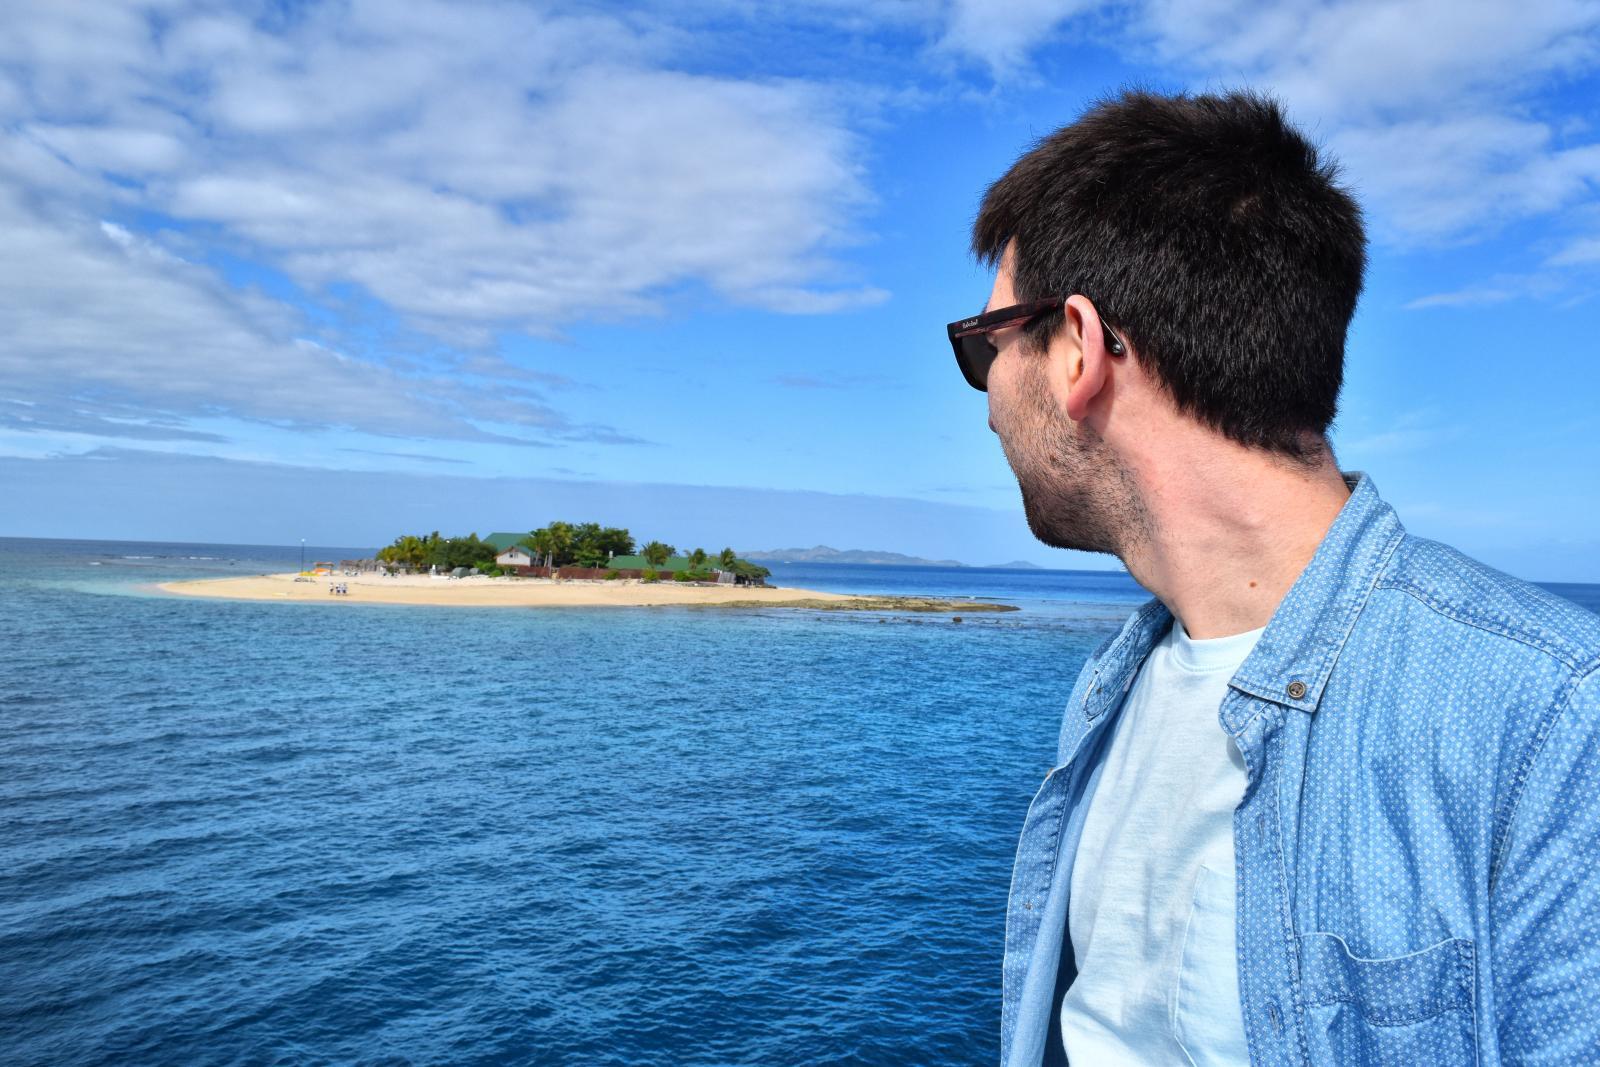 © FijiPocketGuide.com